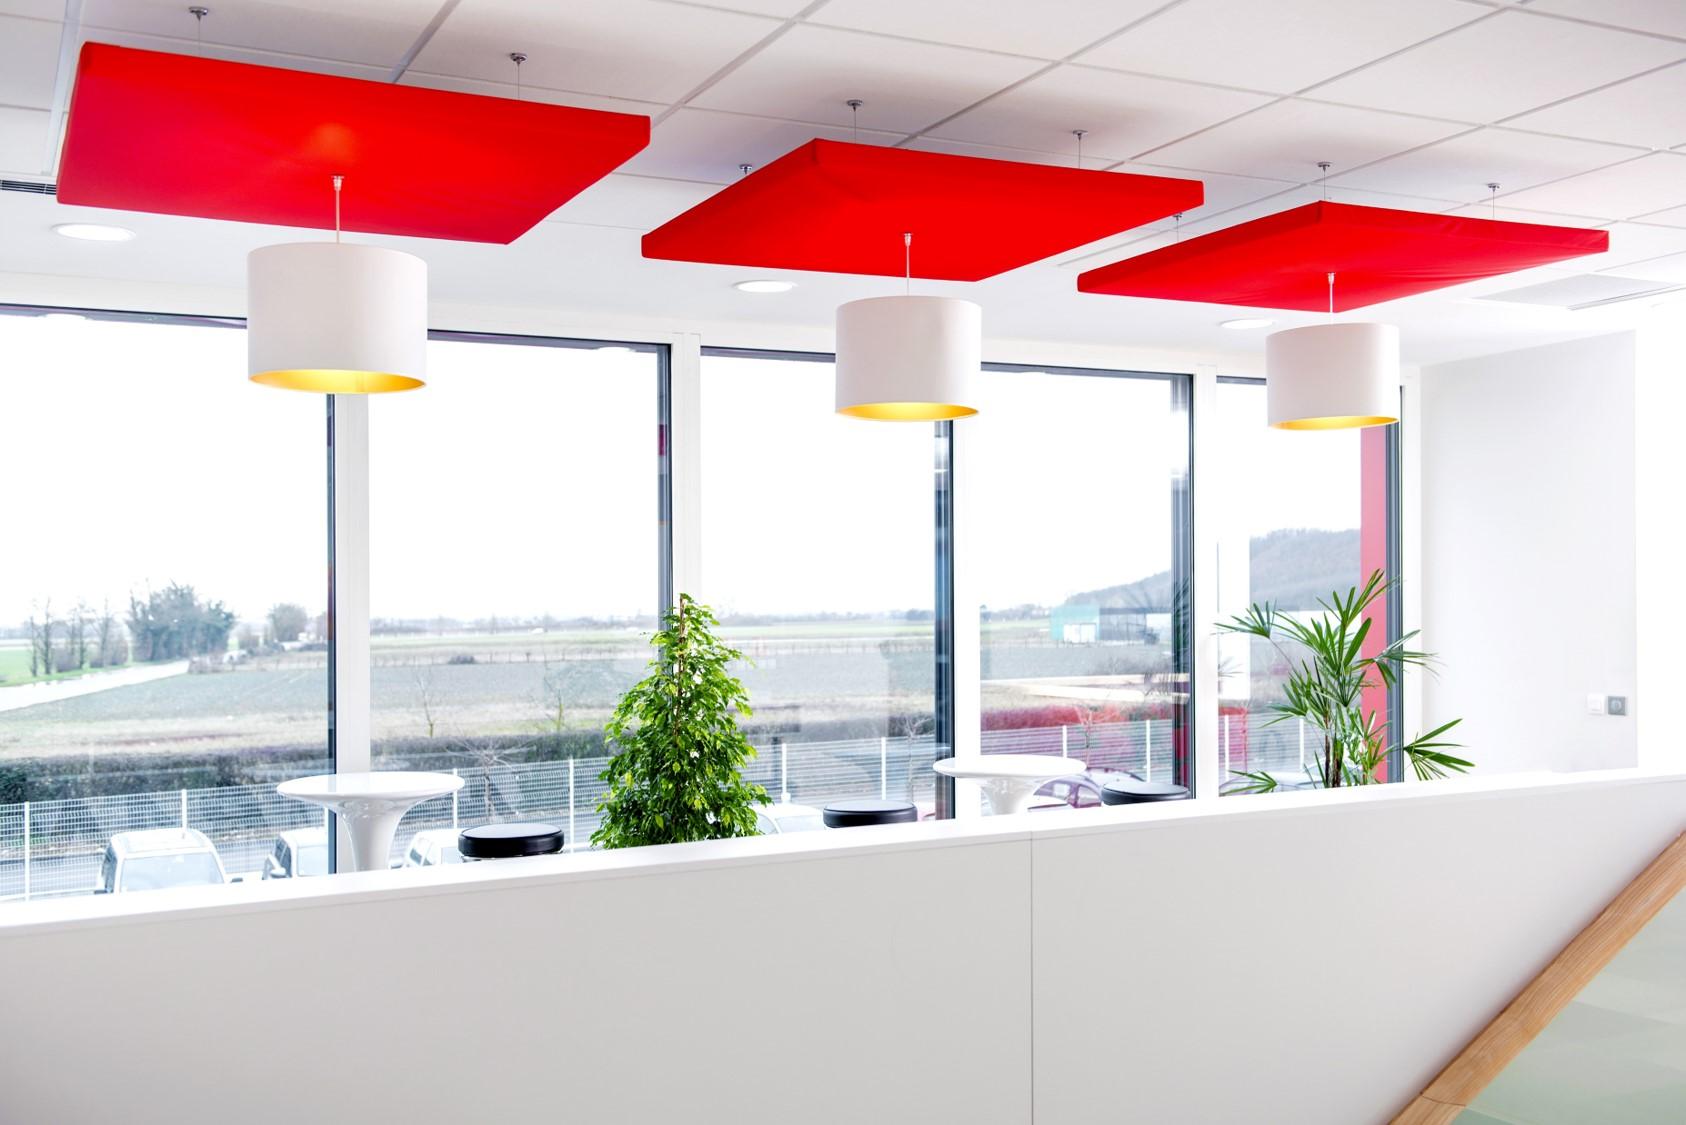 Design acoustique - Design Luminaire acoustique color posé au plafond par suspension